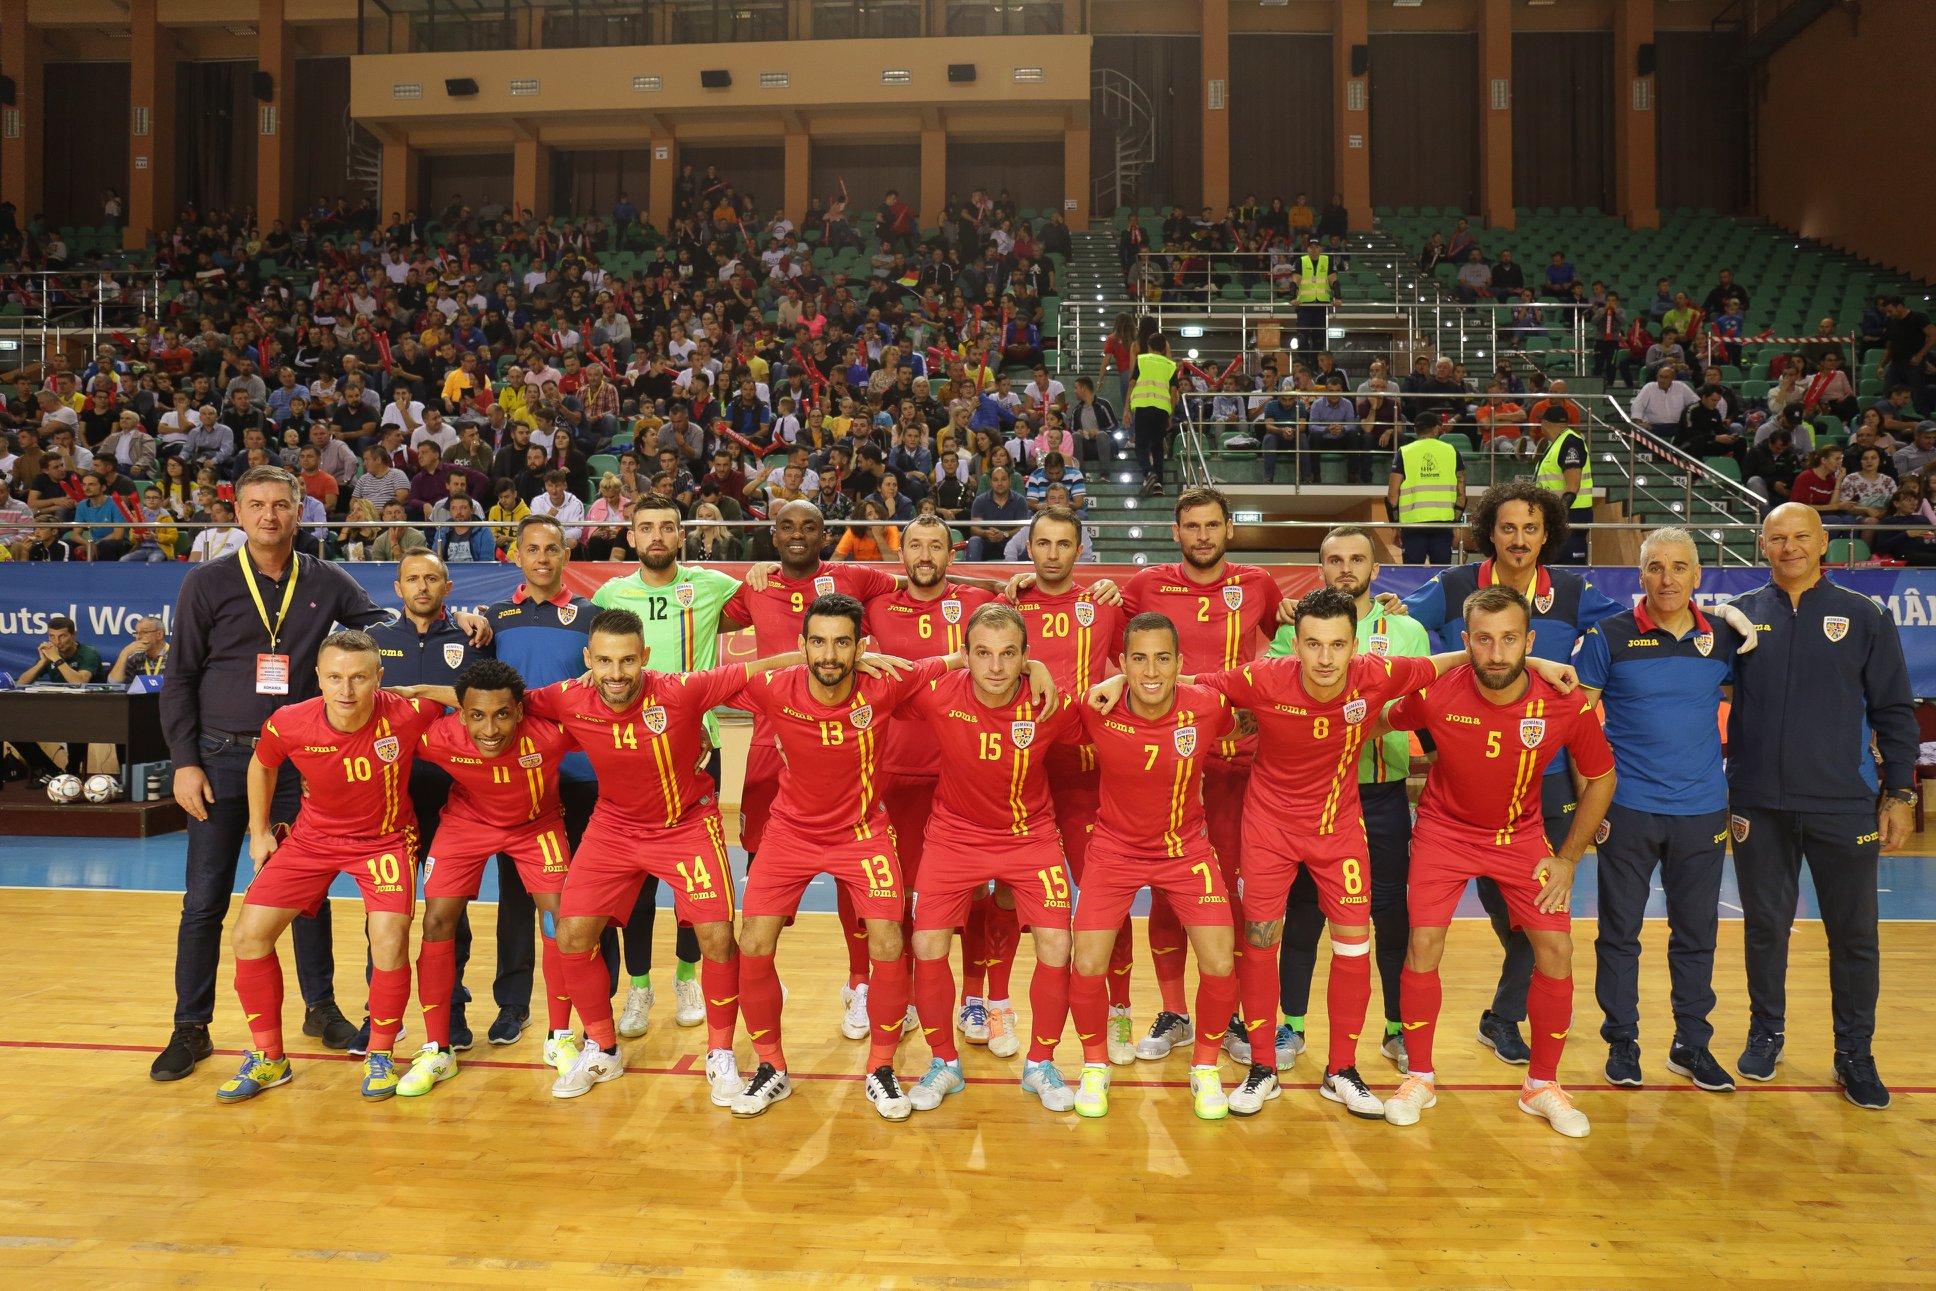 Tricolorii revin la Timișoara. De aici, pleacă direct la turneul Elite Round de la Brno, Cehia